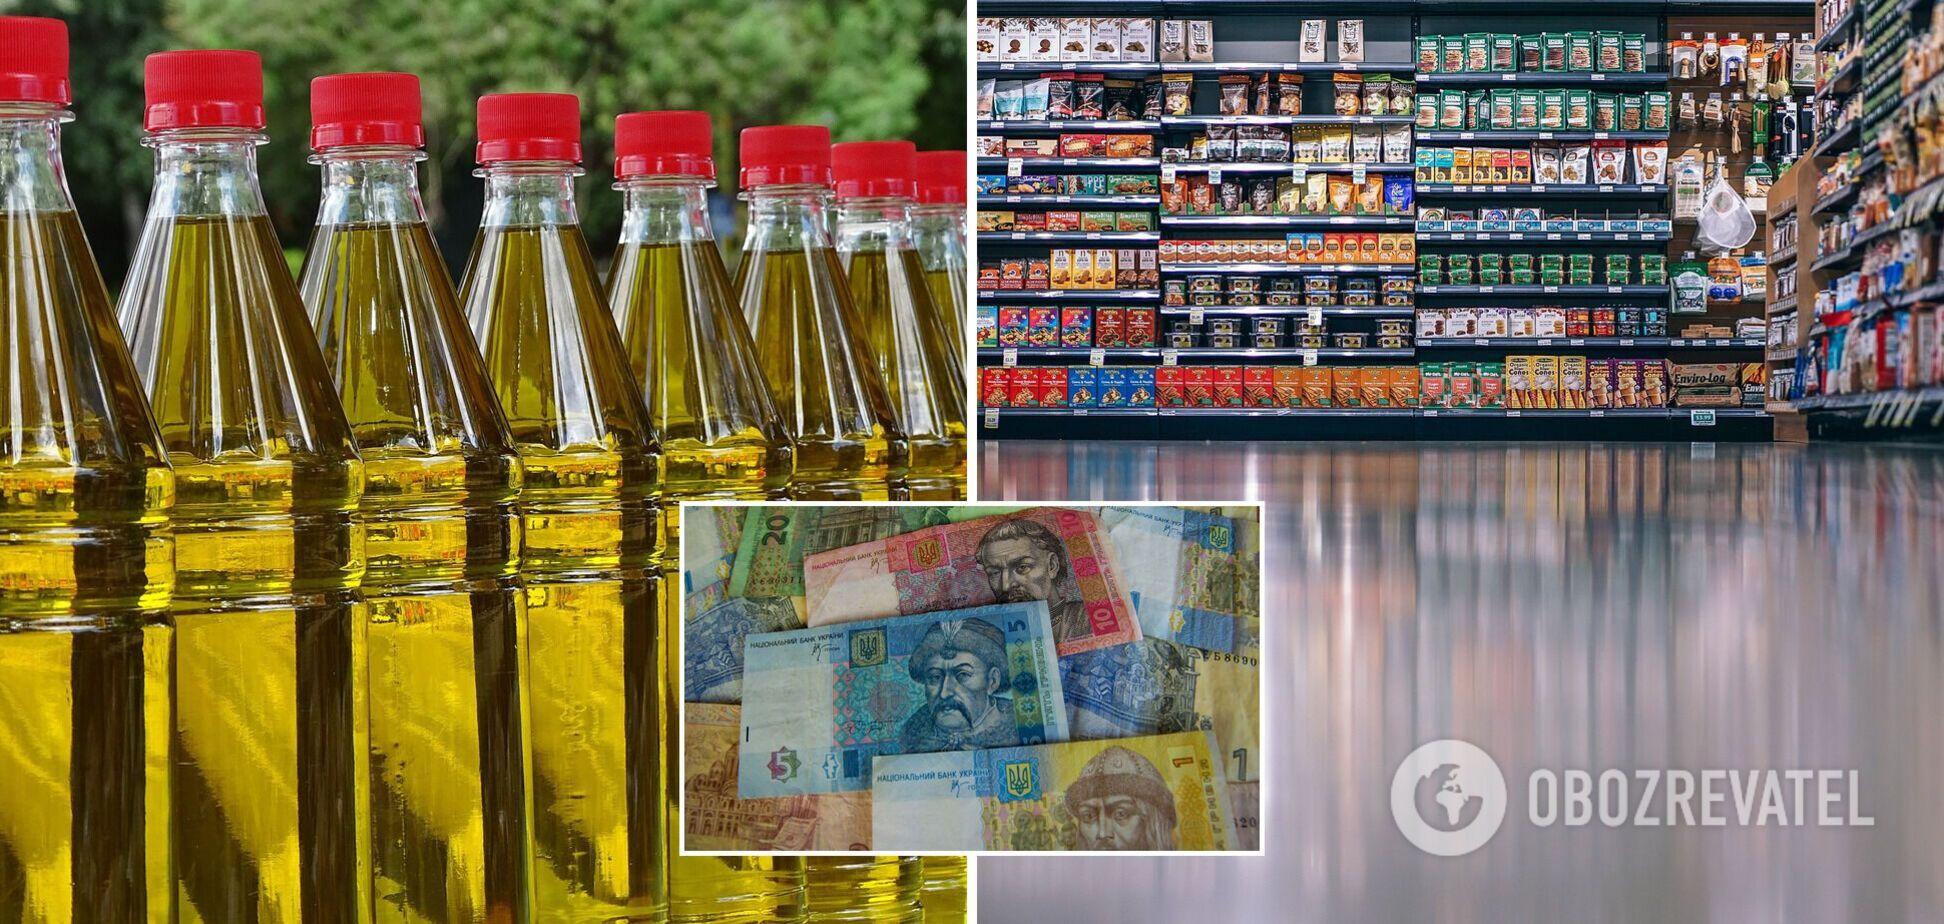 В Украине вскоре может подешеветь масло: озвучен прогноз на осень